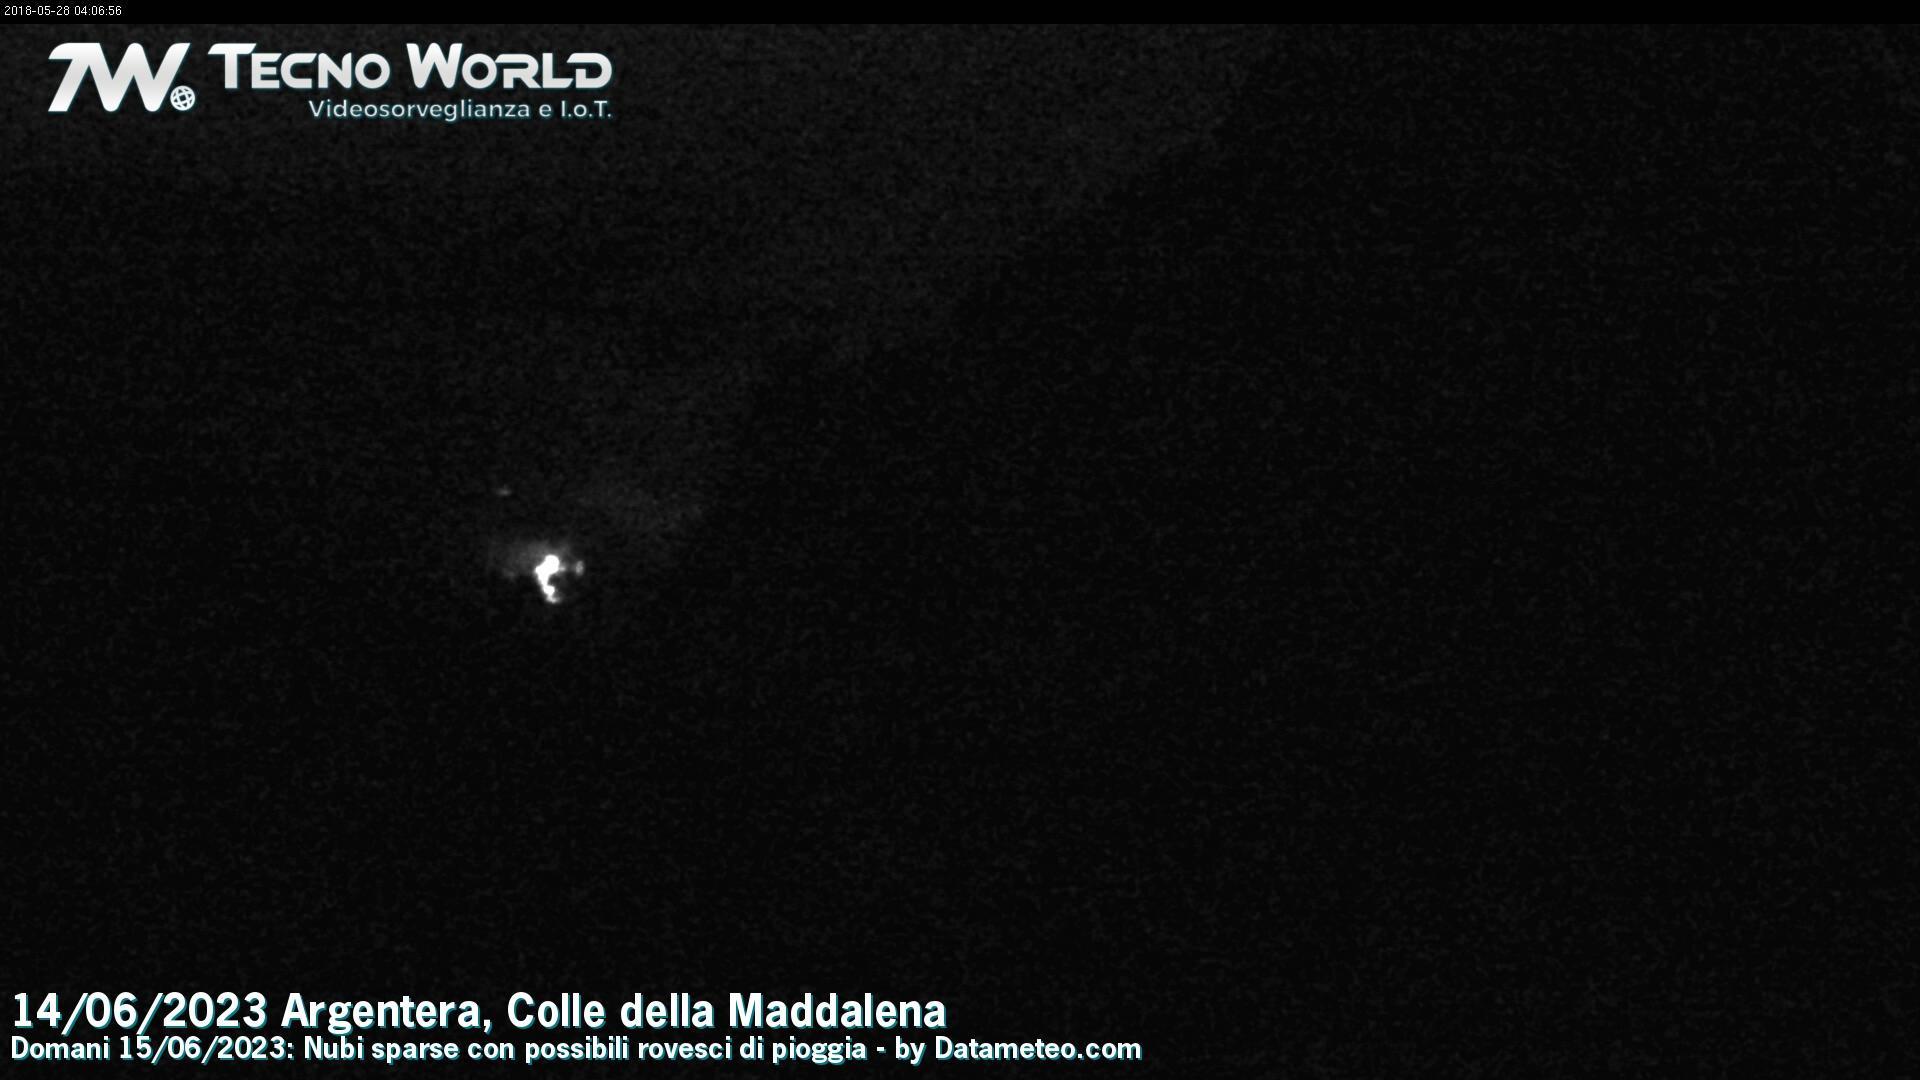 Webcam Bersezio: Argentera e Colle maddalena